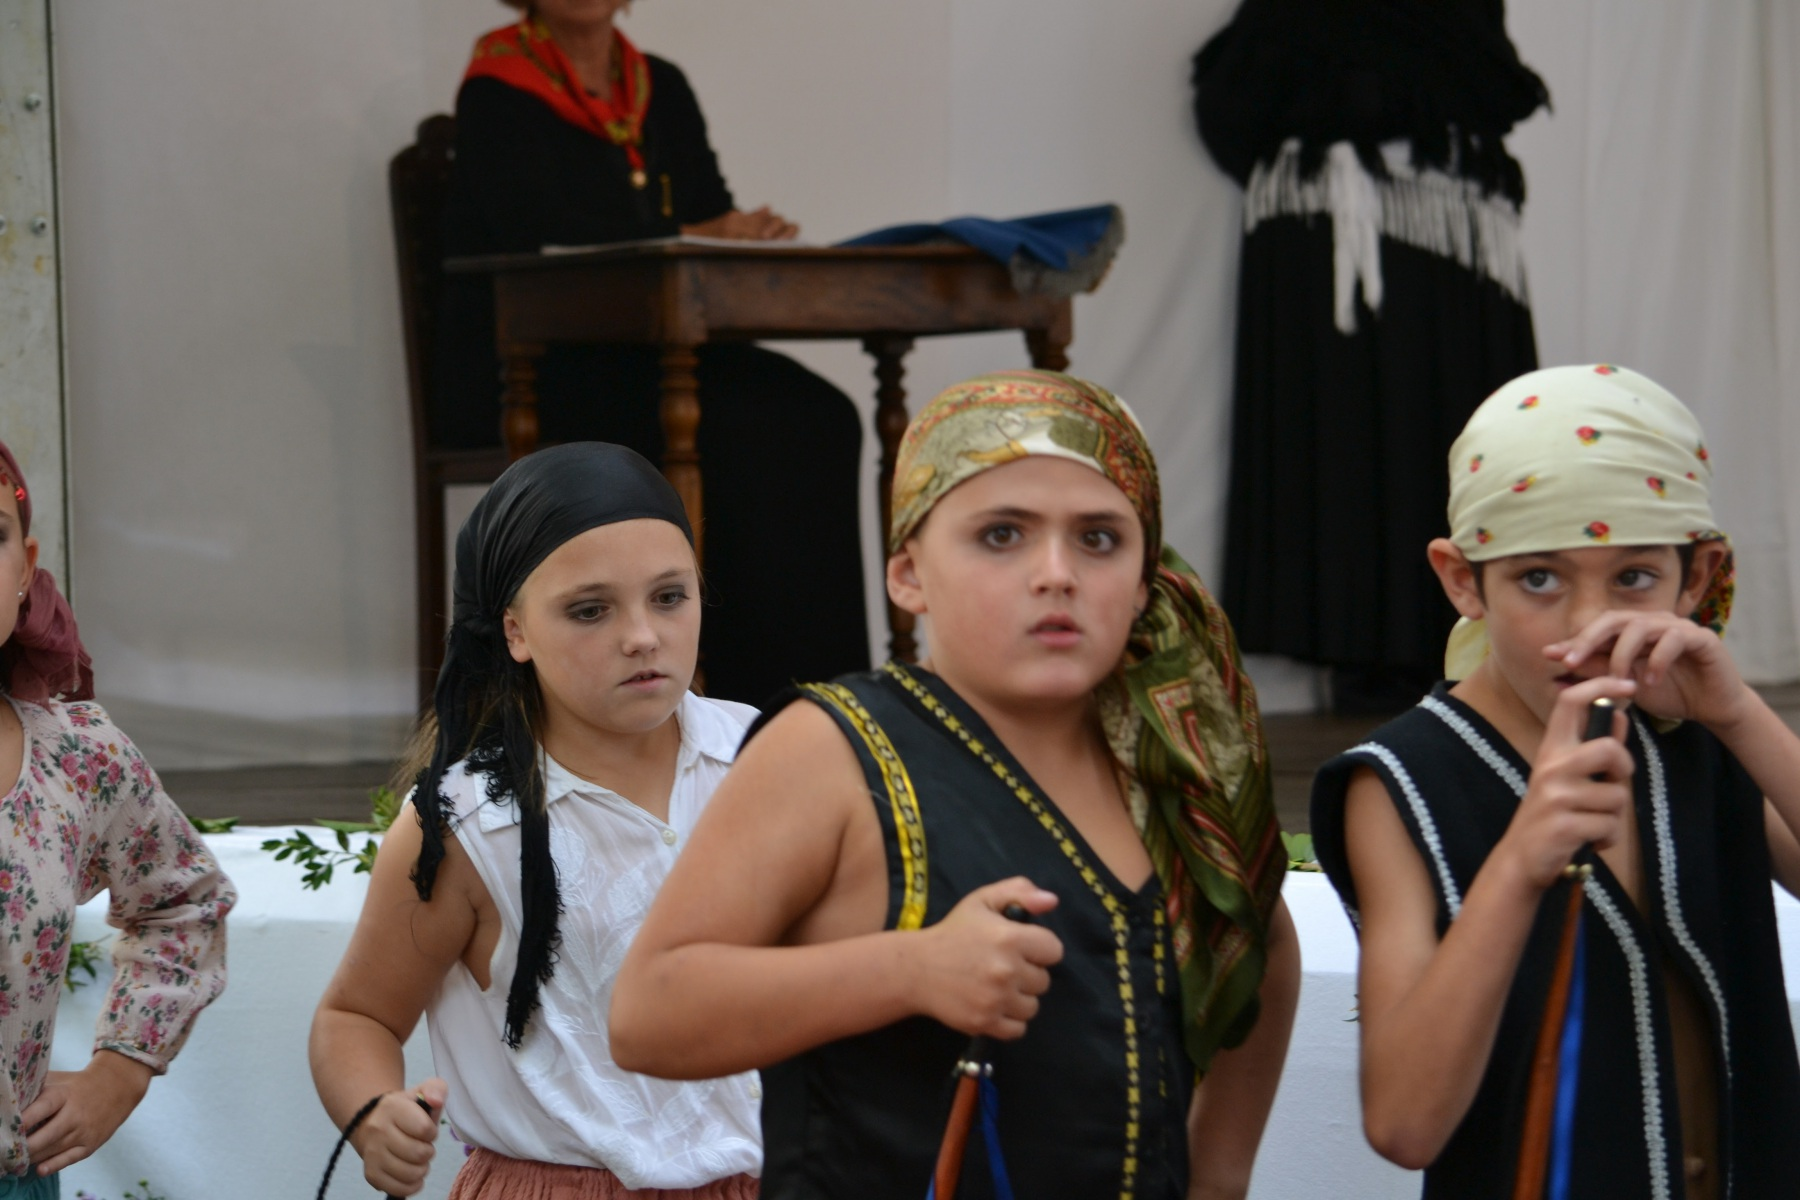 Karmen-Etxalarkoa-Pastorala-Irailak-17-igandea-307